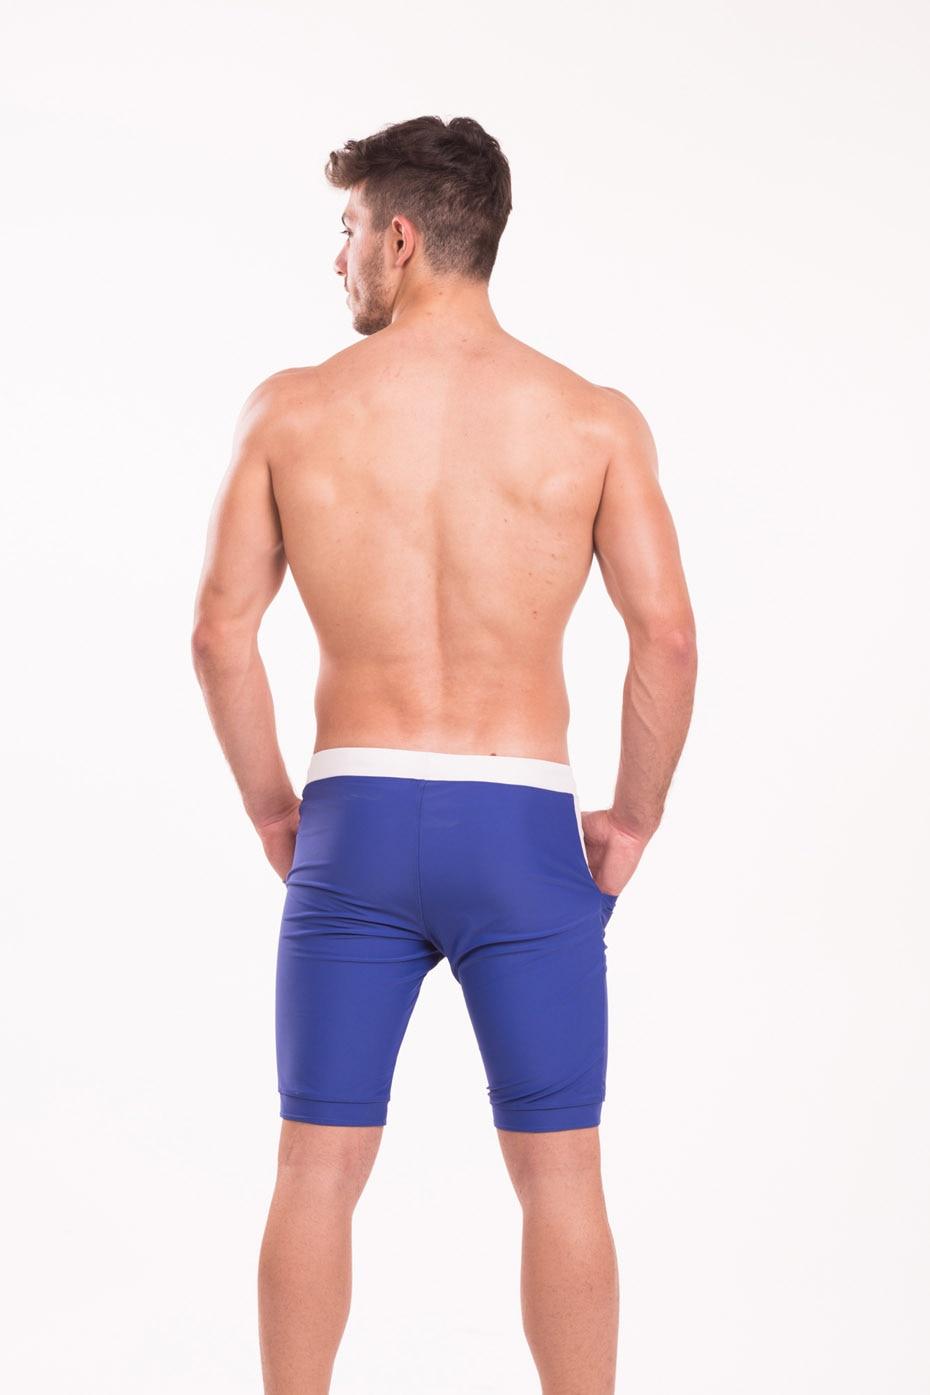 Taddlee Swimwear Men Swimsuits Long Basic Solid Blue Swim Boxer Brief Trunks